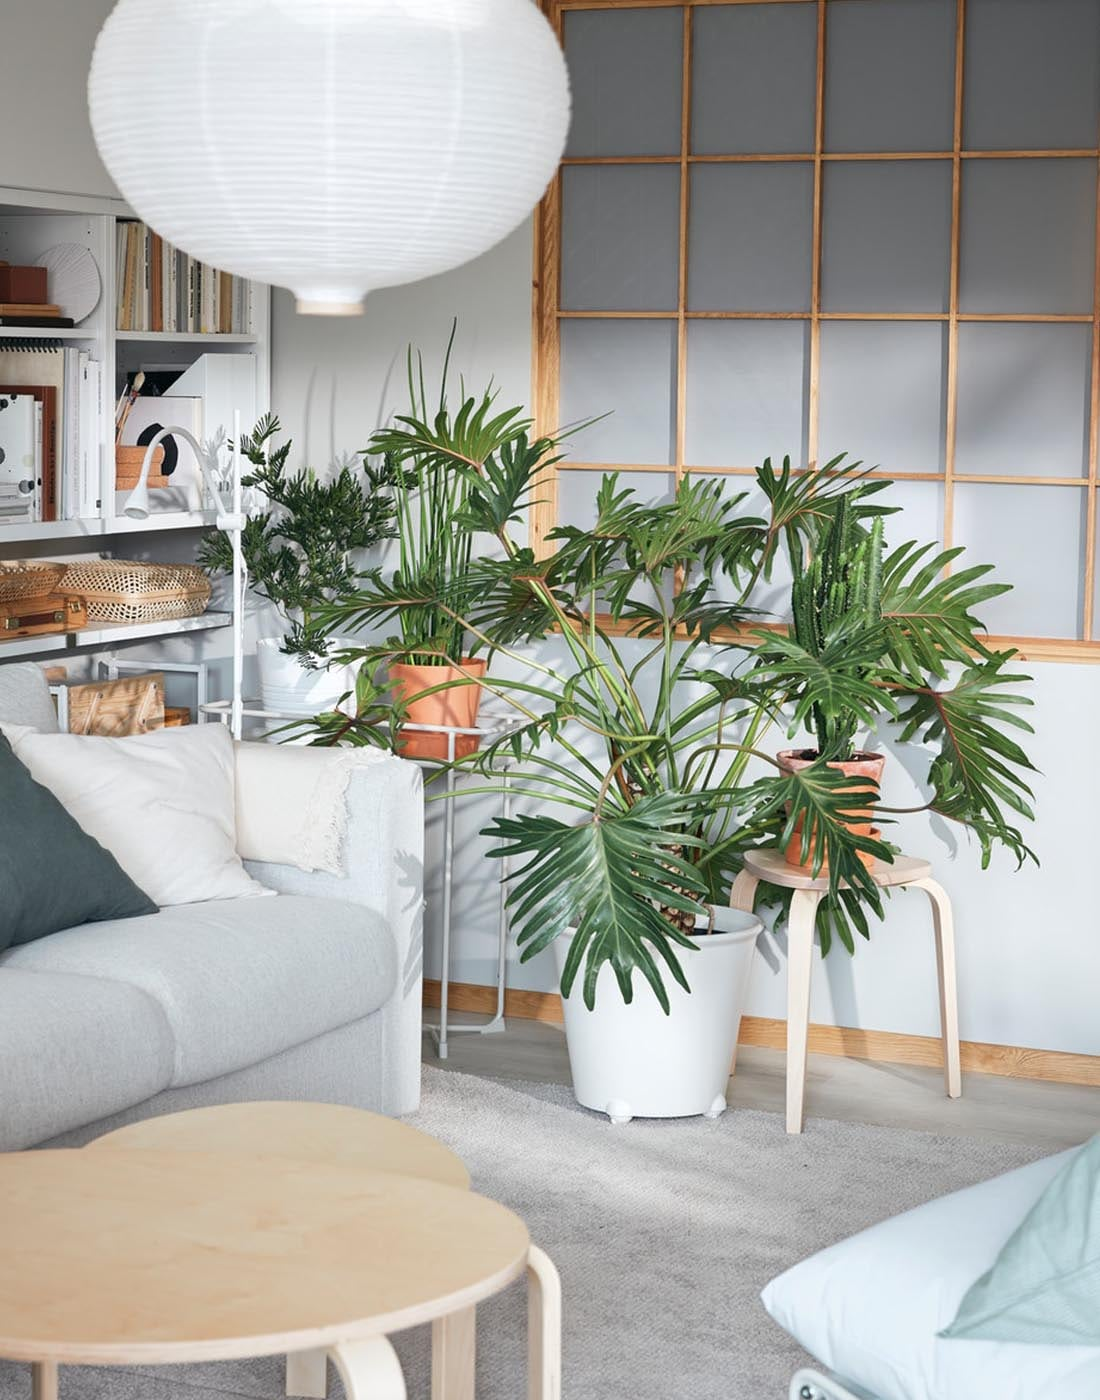 KYRRE jakkara ja KRYDDPEPPAR kukkahylly muodostavat kauniin vihertävän seinän. Riisipaperilamppu täydentää luonnollisen tyylin.